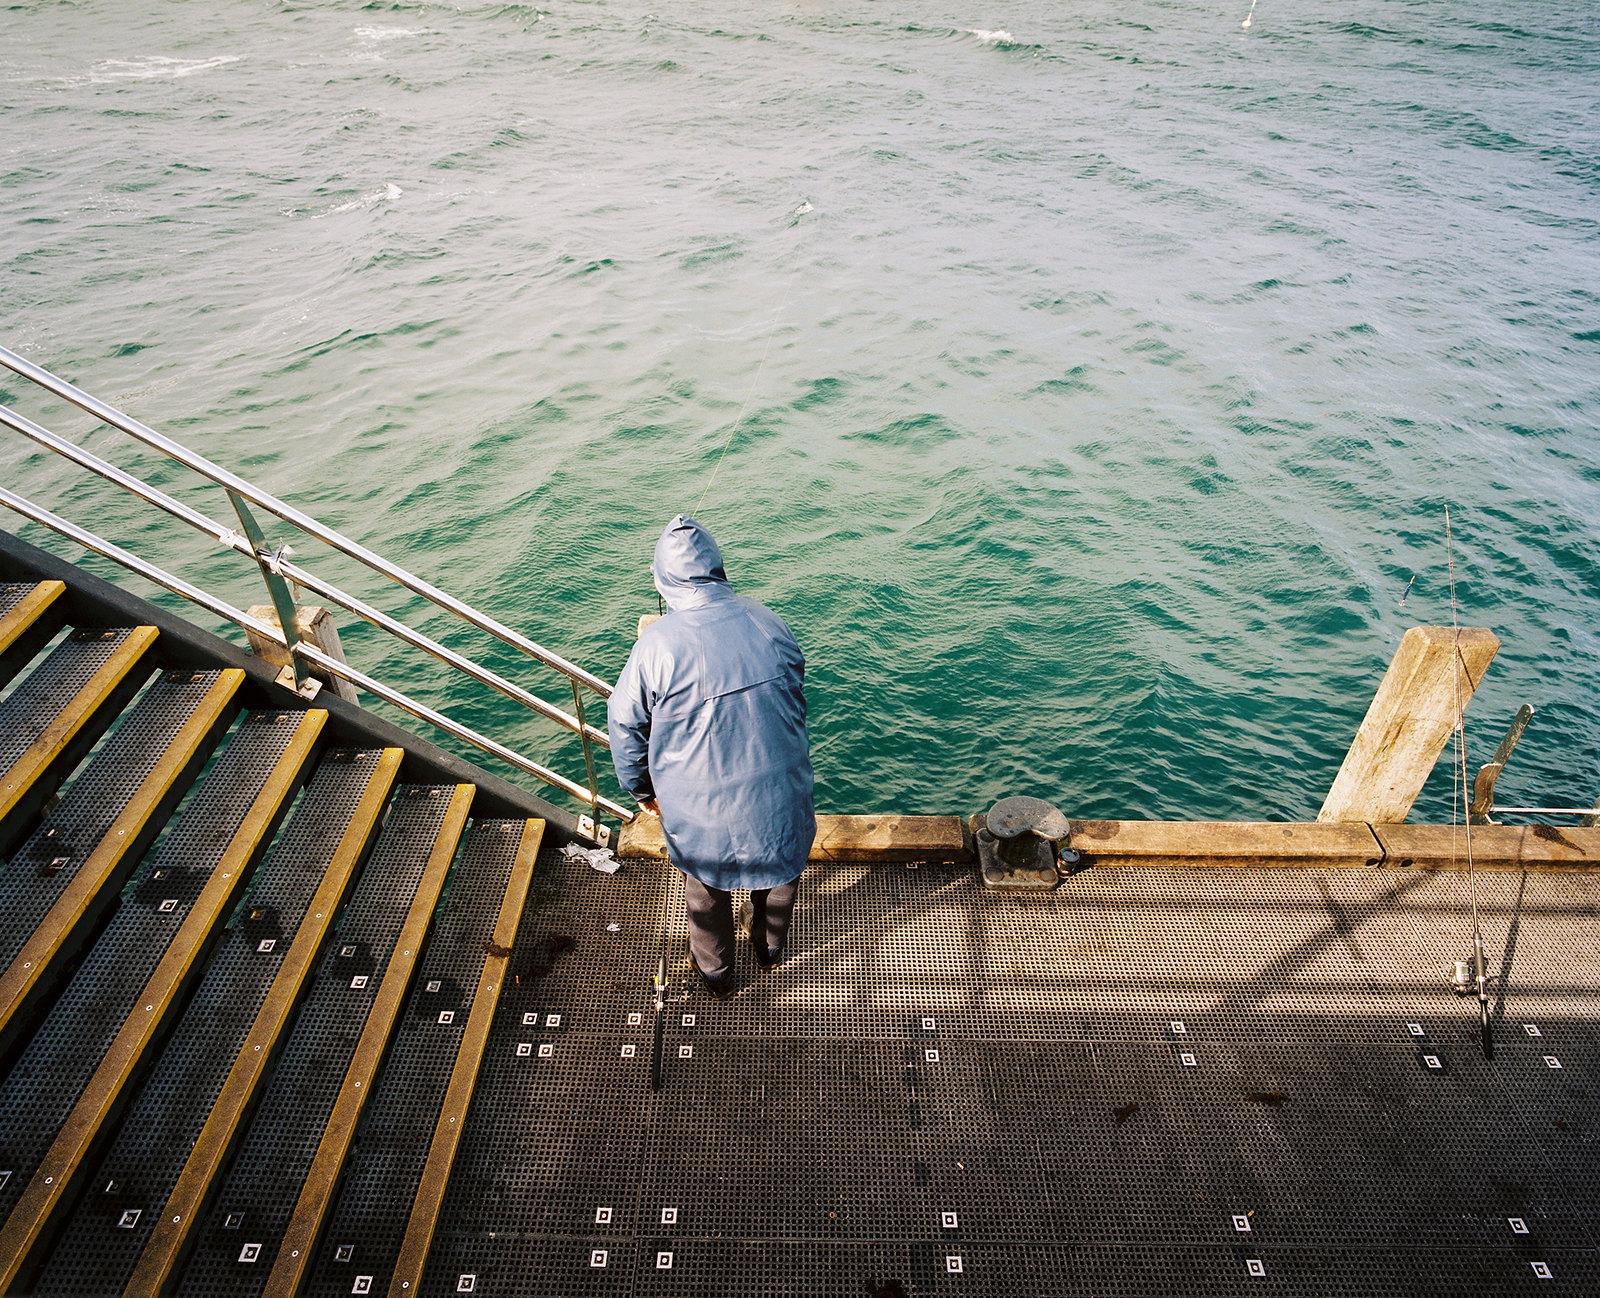 Mornington Fisherman